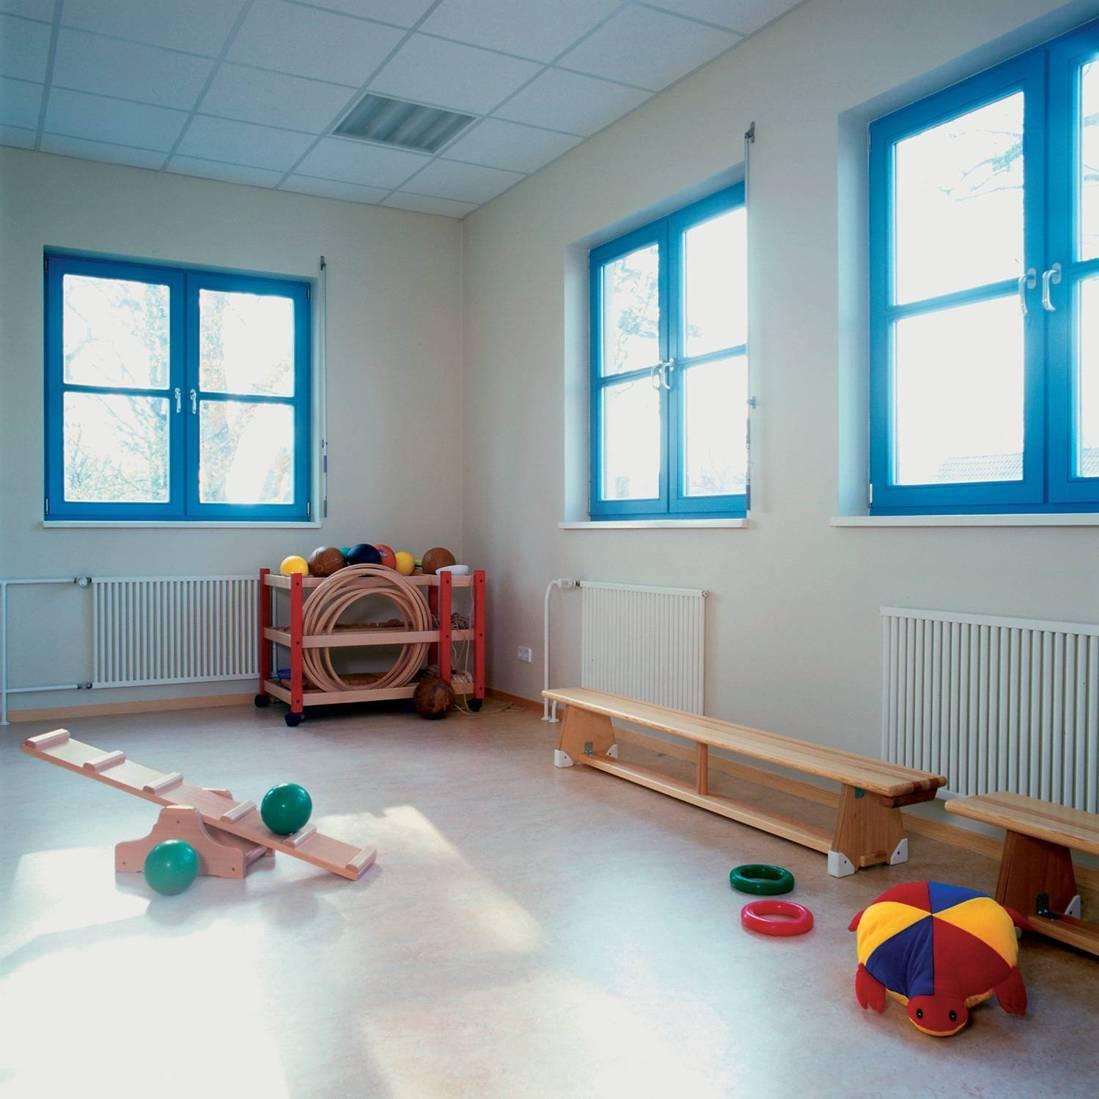 儿童地板,塑胶地板